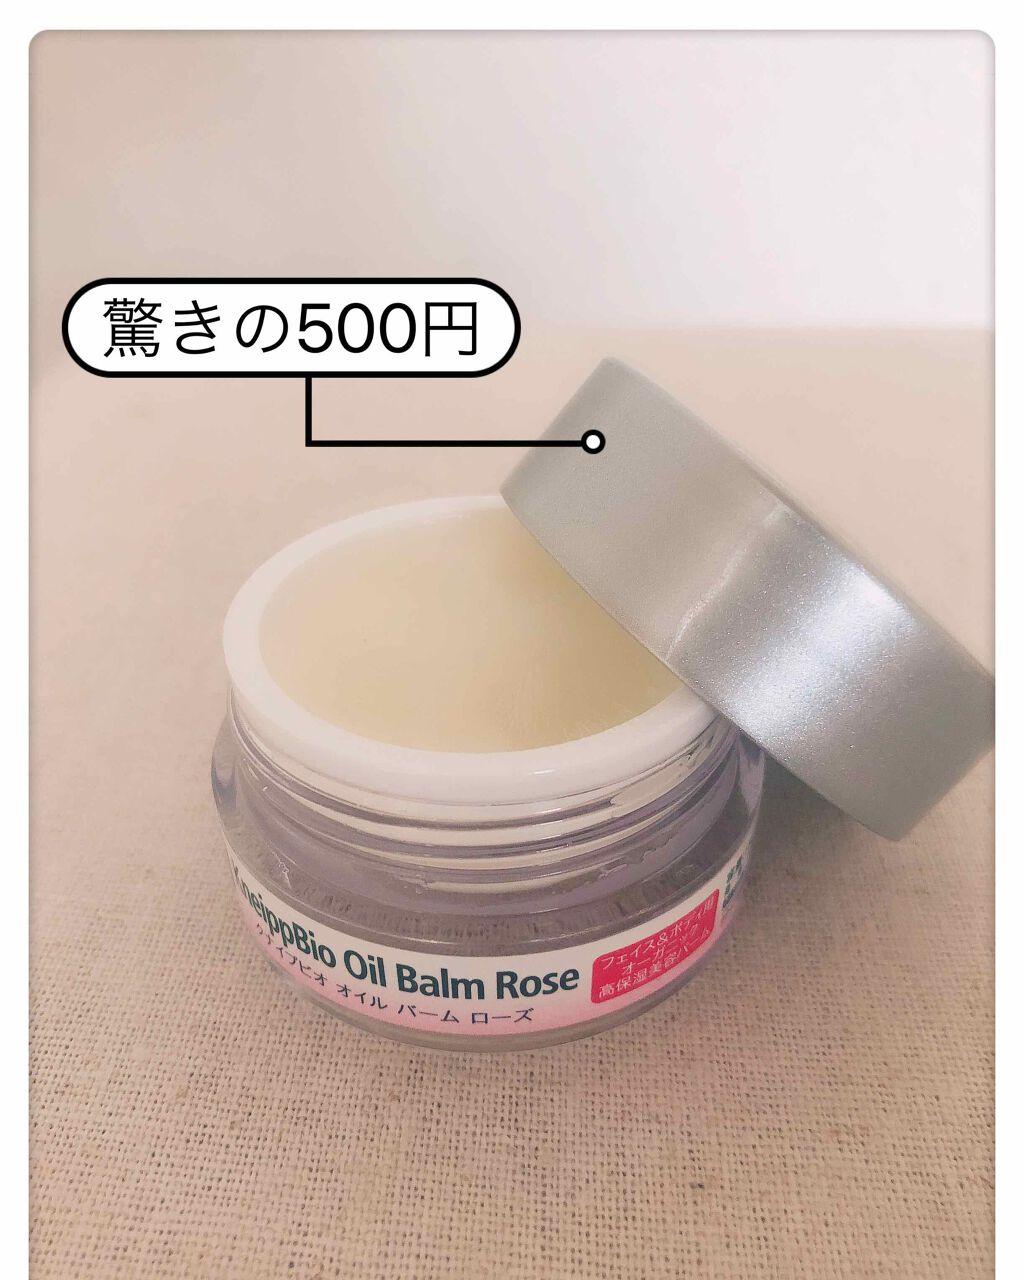 オイル バーム クナイプ クナイプオイルは髪にも使える?口コミと使い方。ローズは光毒性がある?